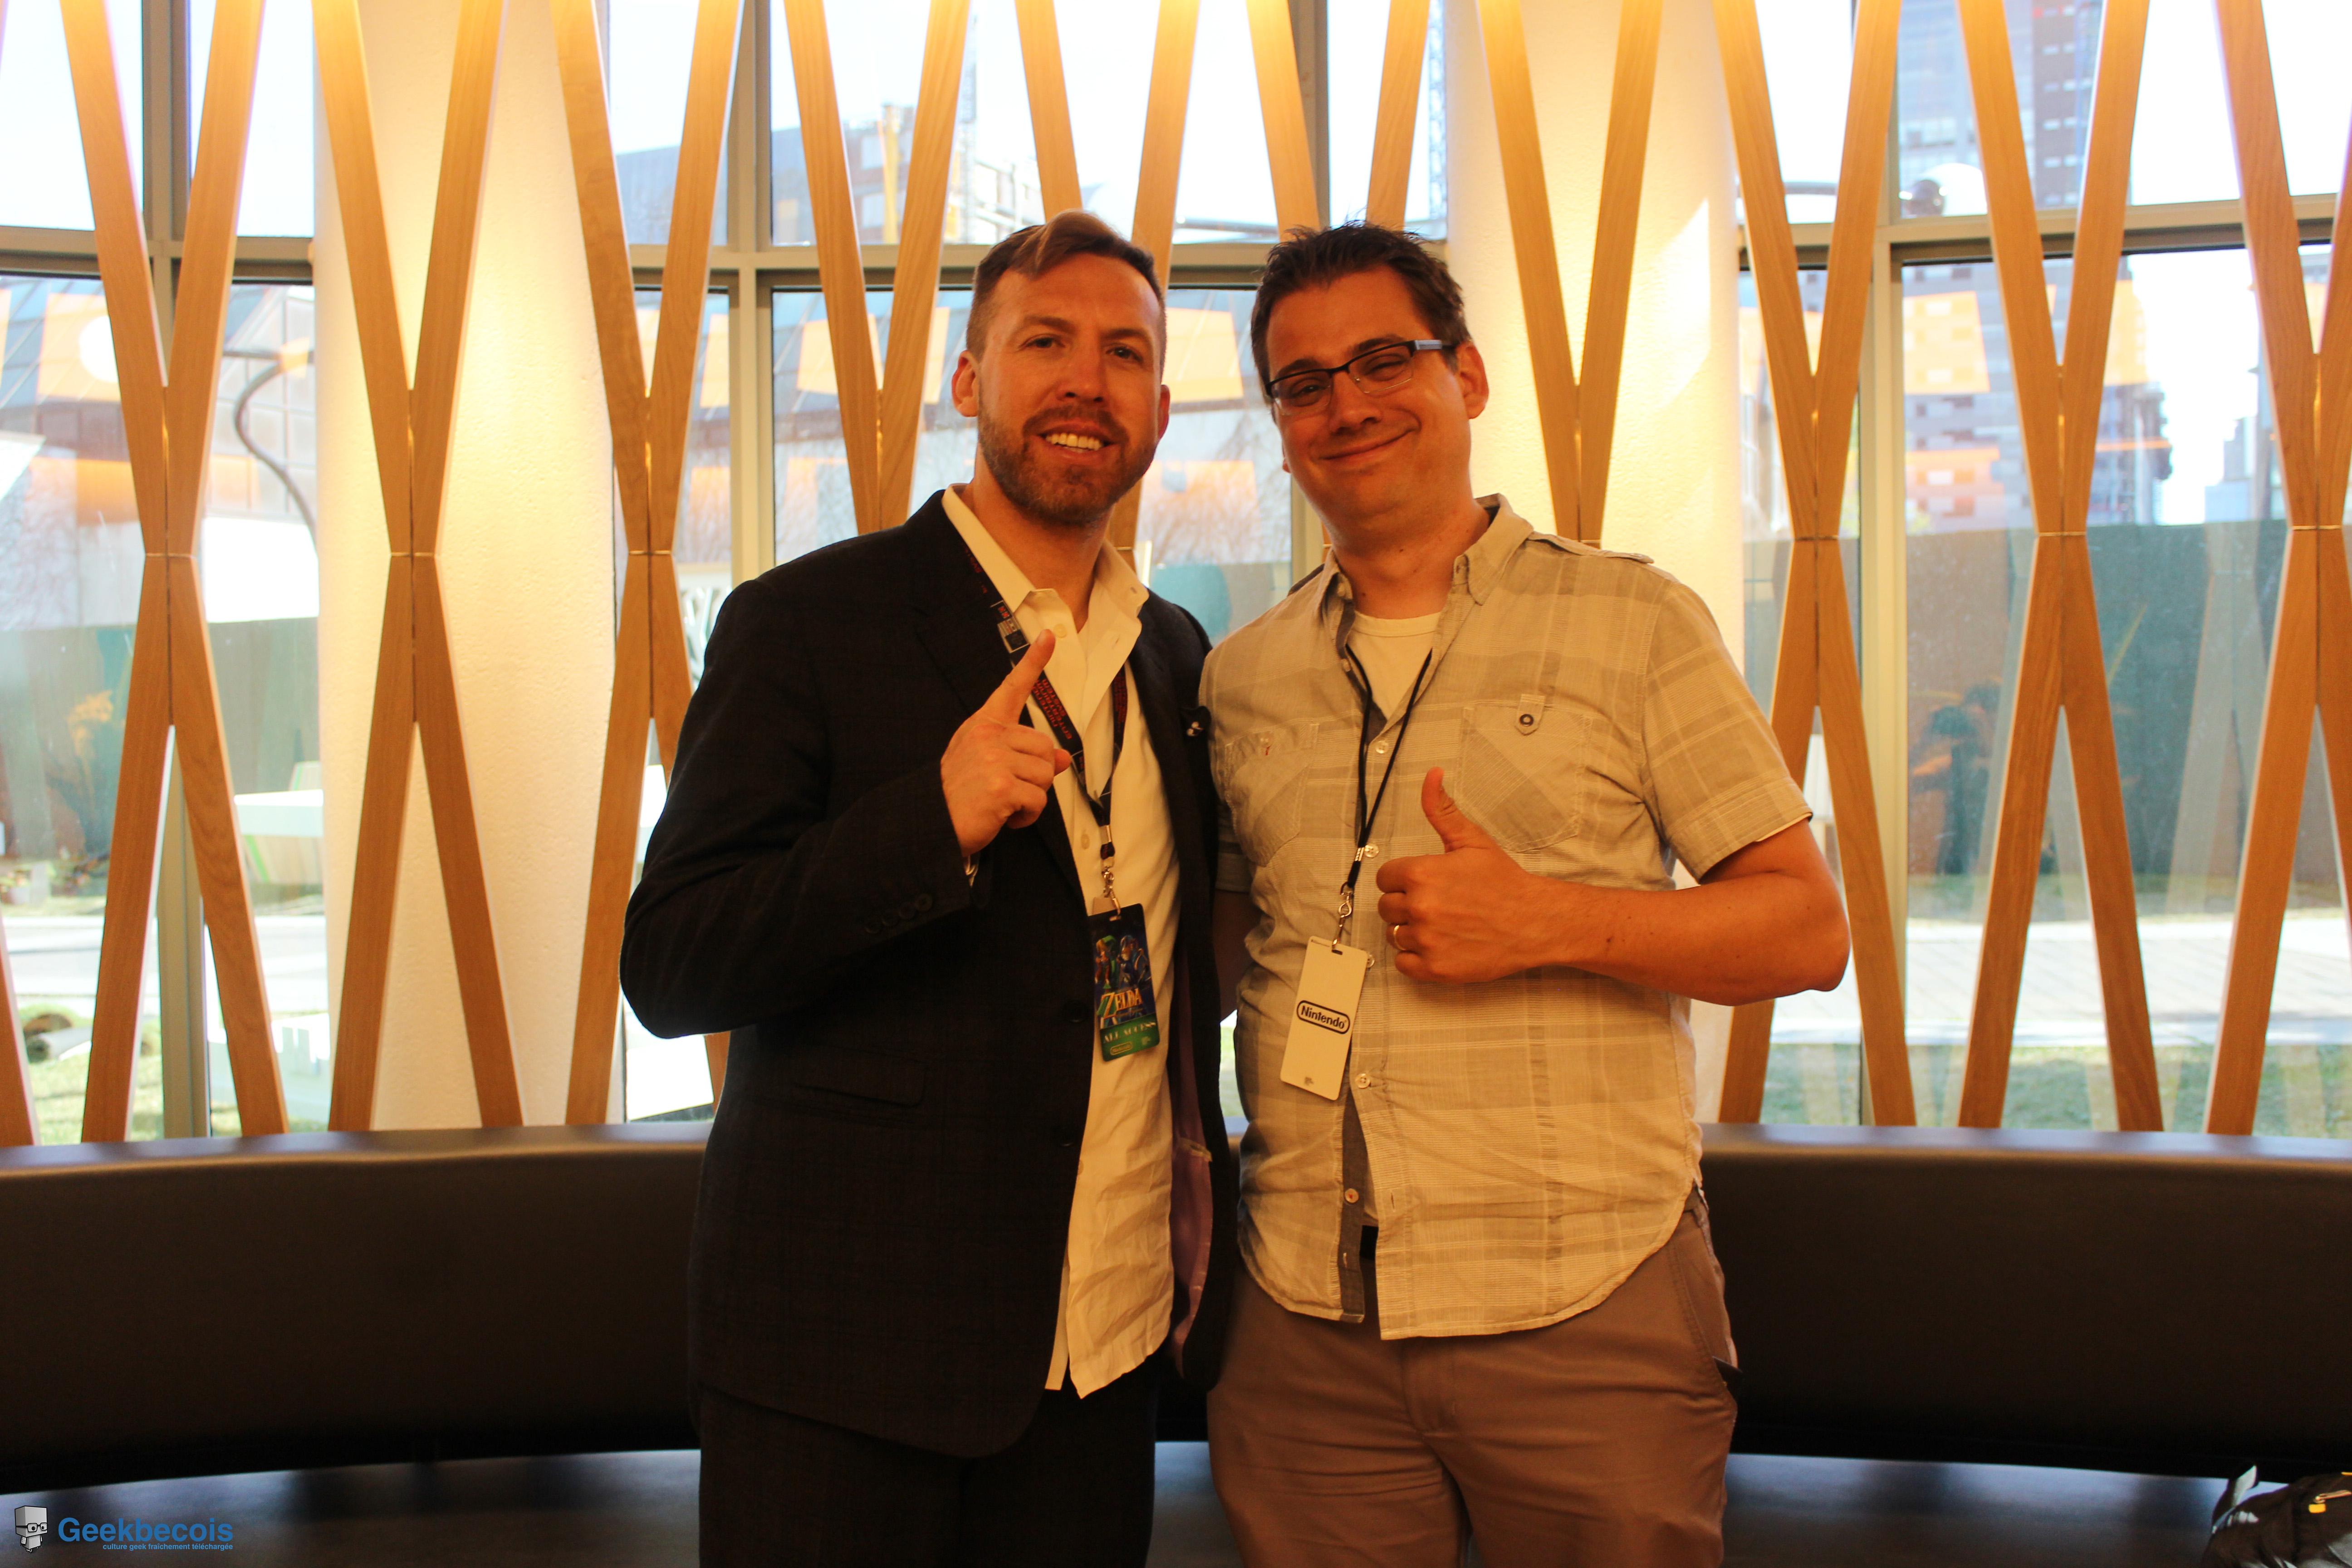 Jason a été d'une grande générosité et a répondu à mes questions avec chaleur | The Legend of Zelda Symphony of the Goddesses